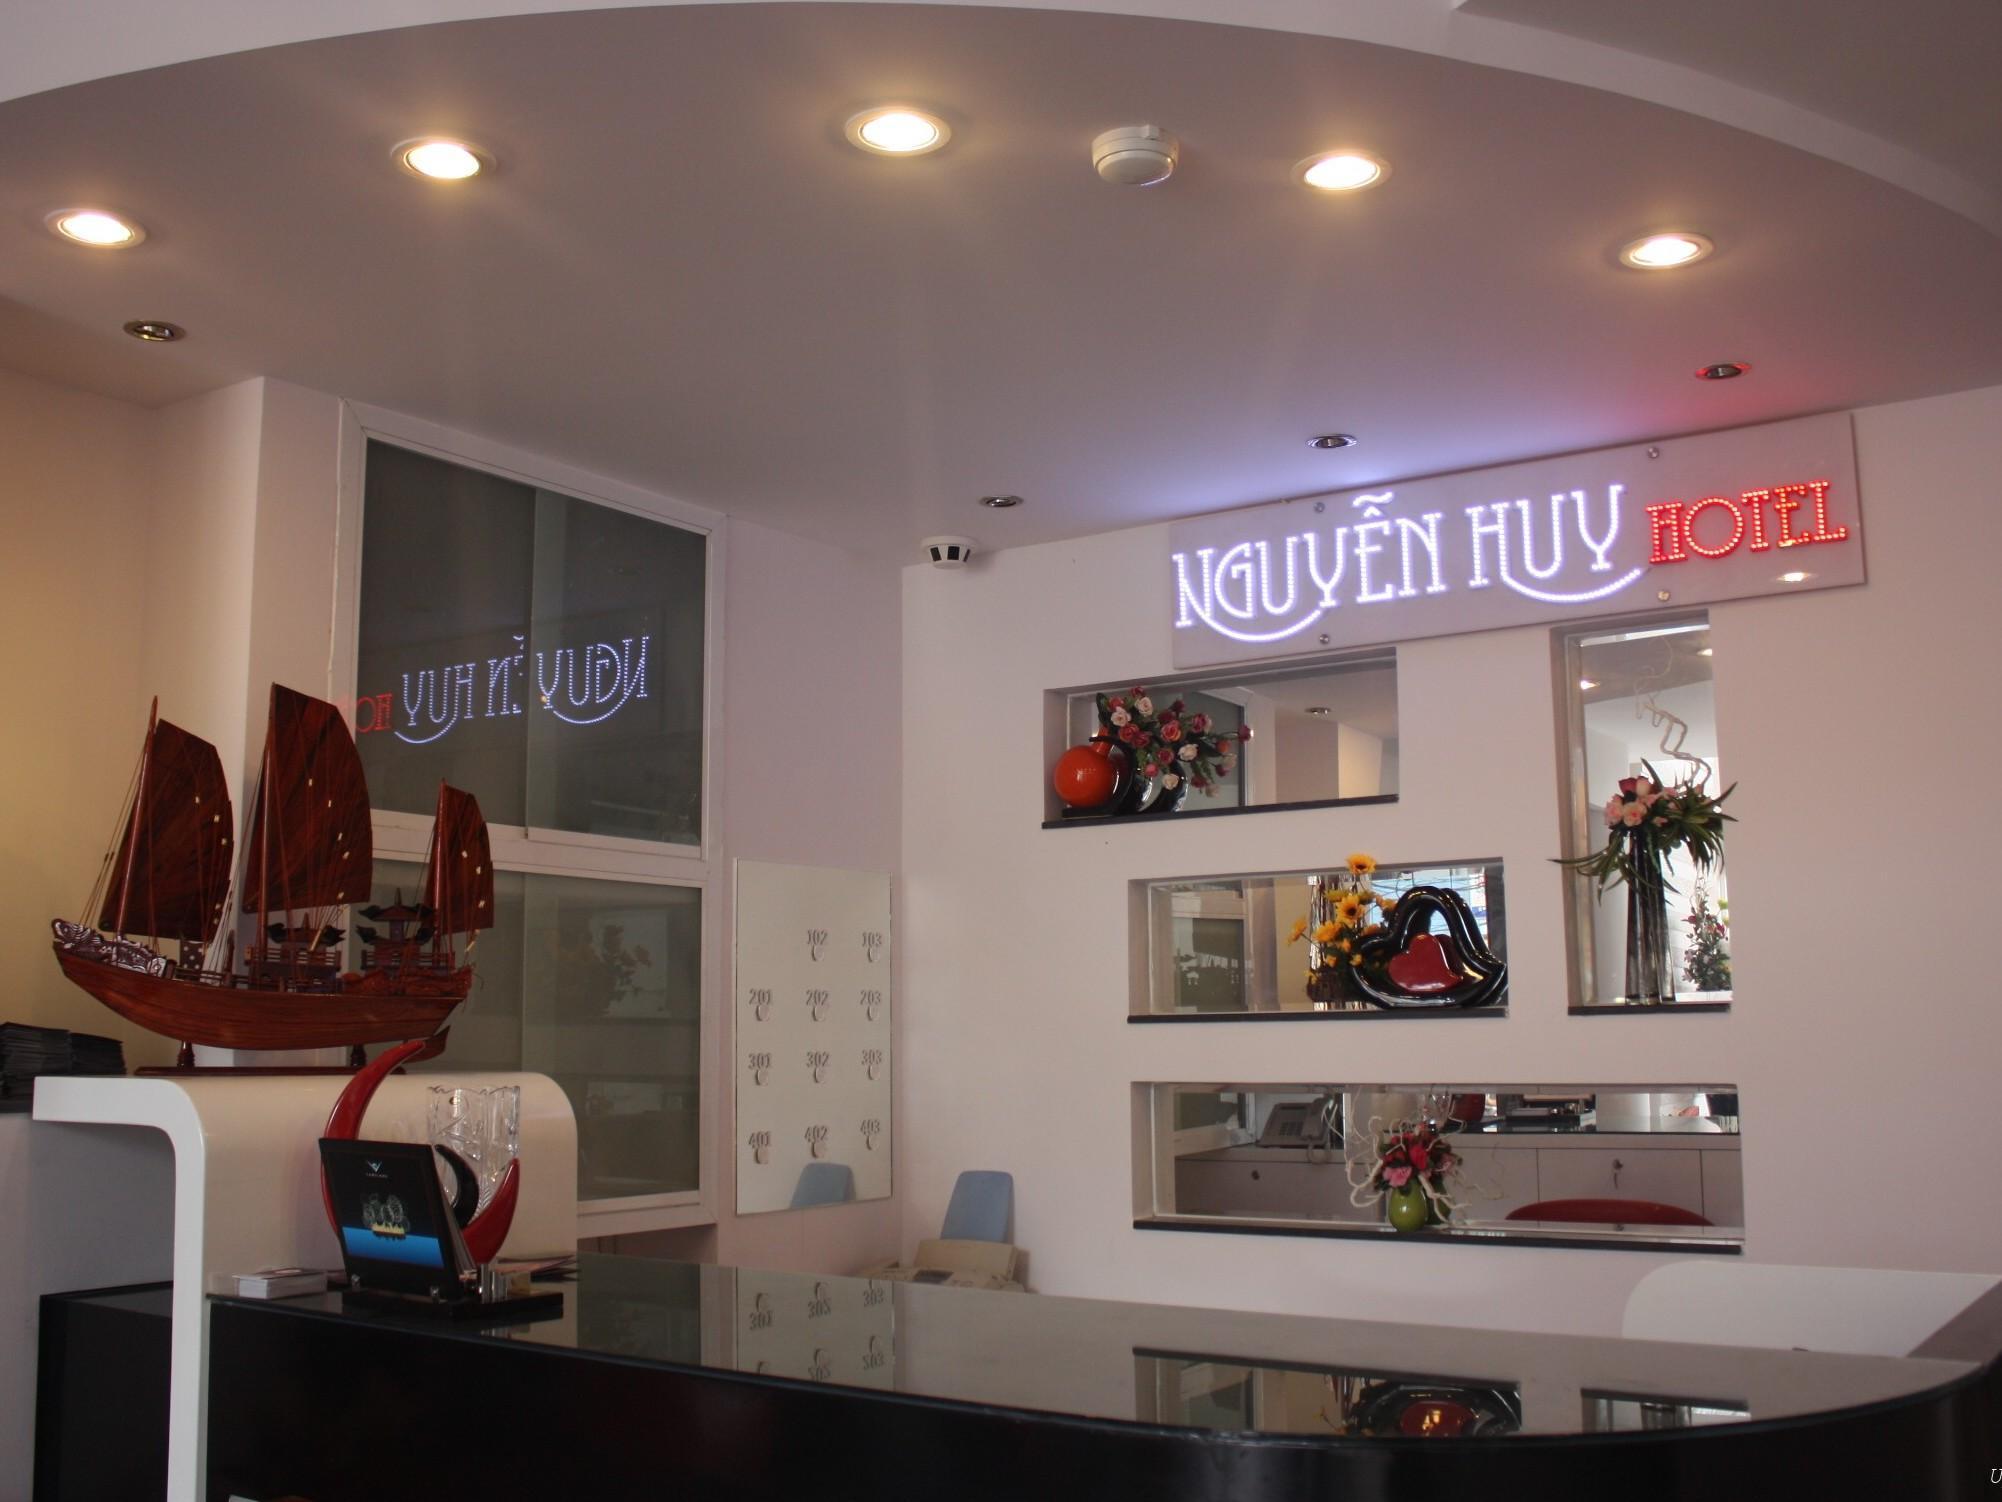 Nguyen Huy Hotel - Hotell och Boende i Vietnam , Ho Chi Minh City